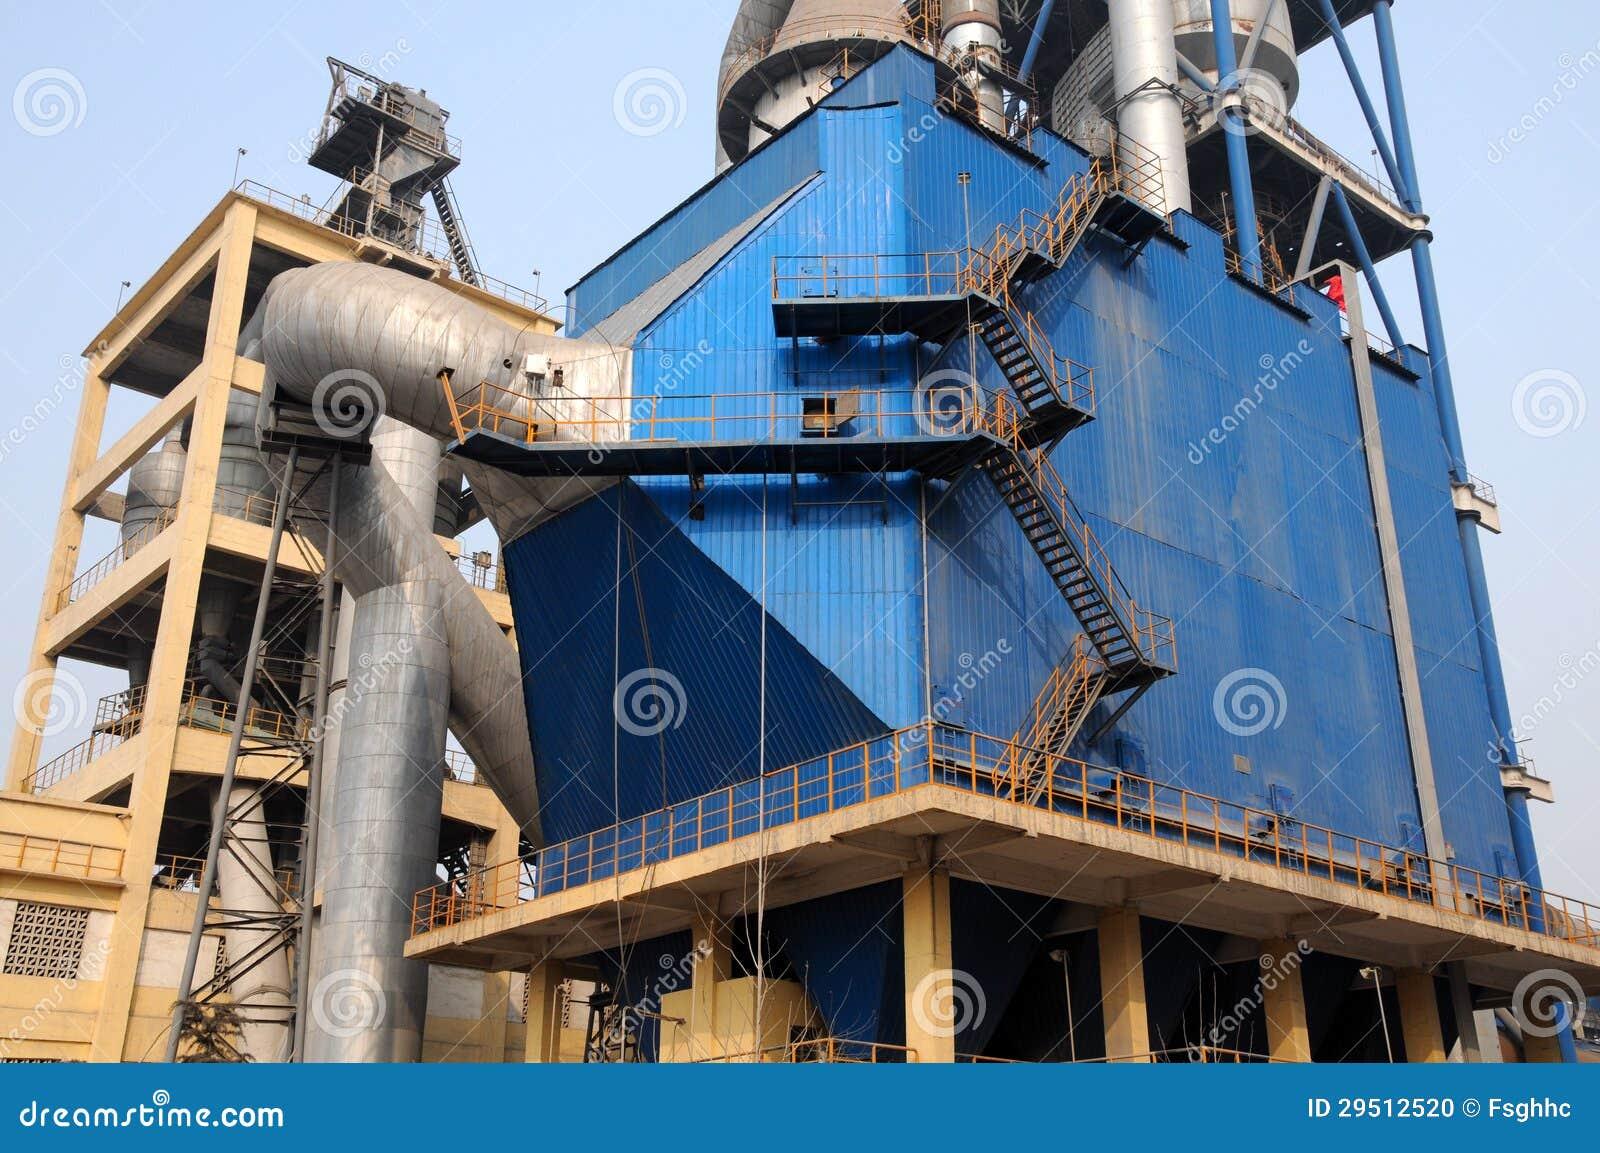 De treden van het metaal buiten een reusachtige stofcollector met